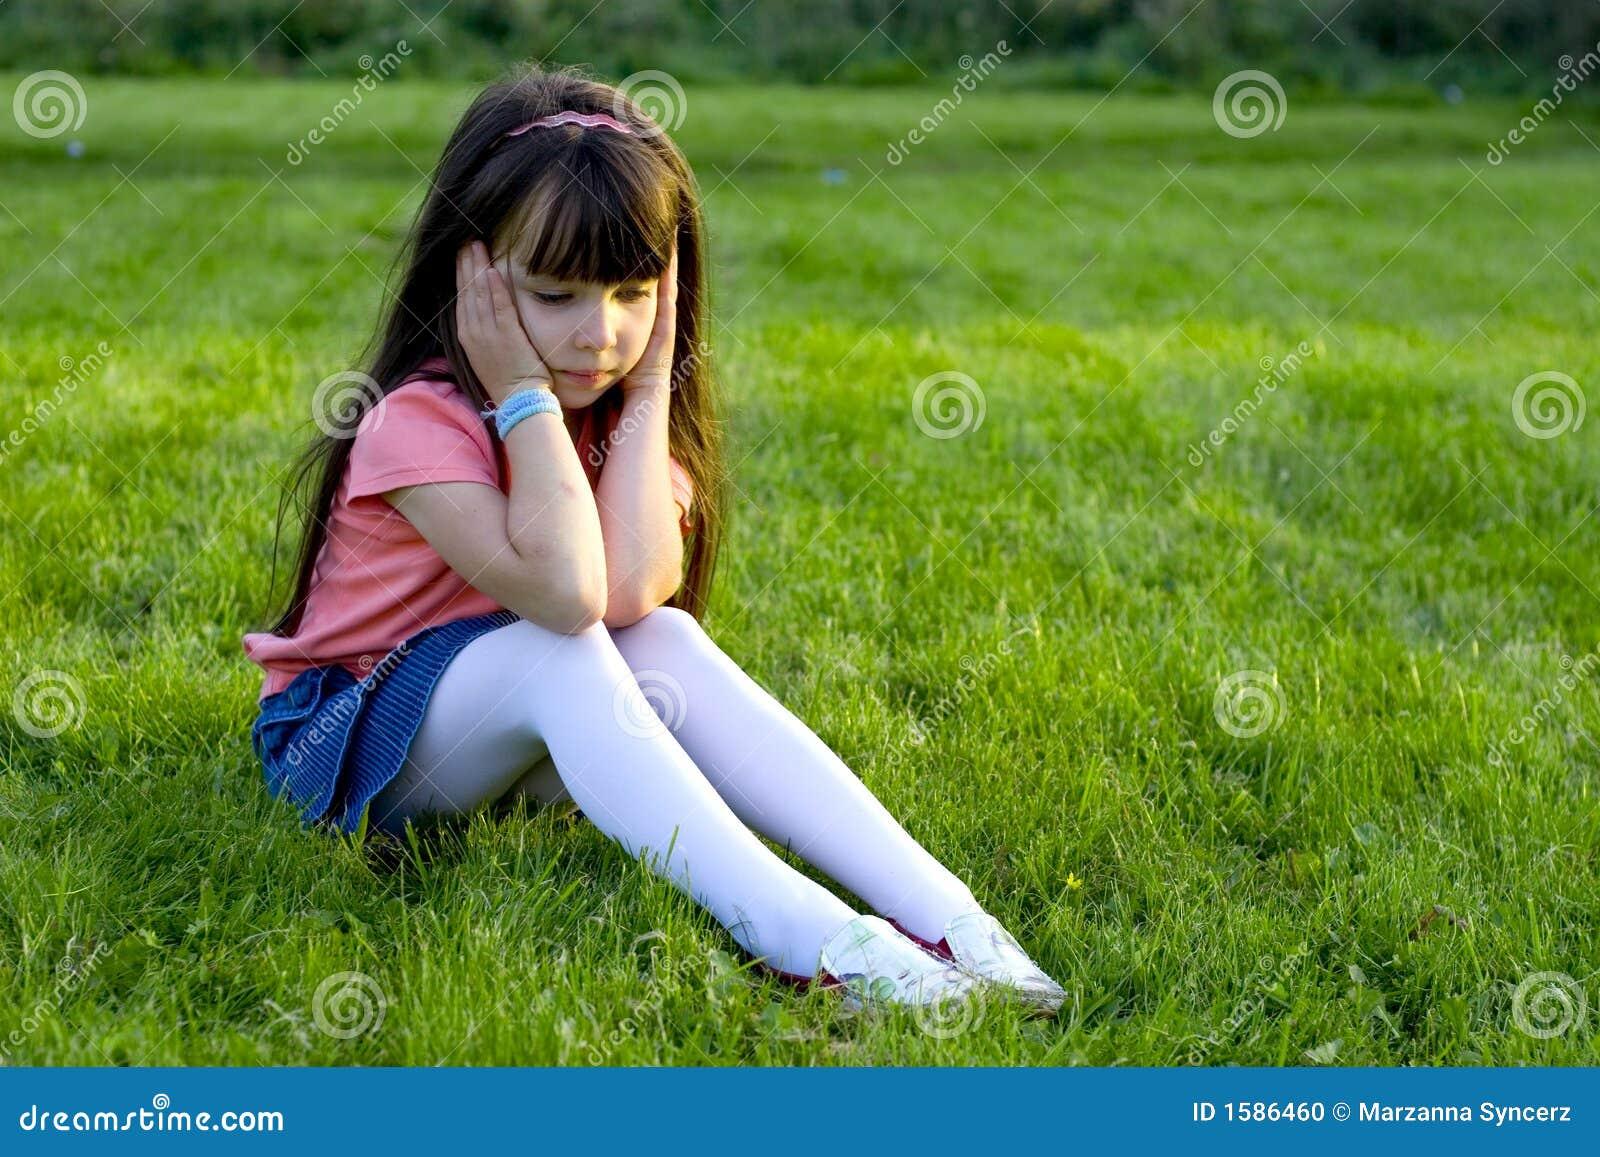 Мастурбации девочек фото